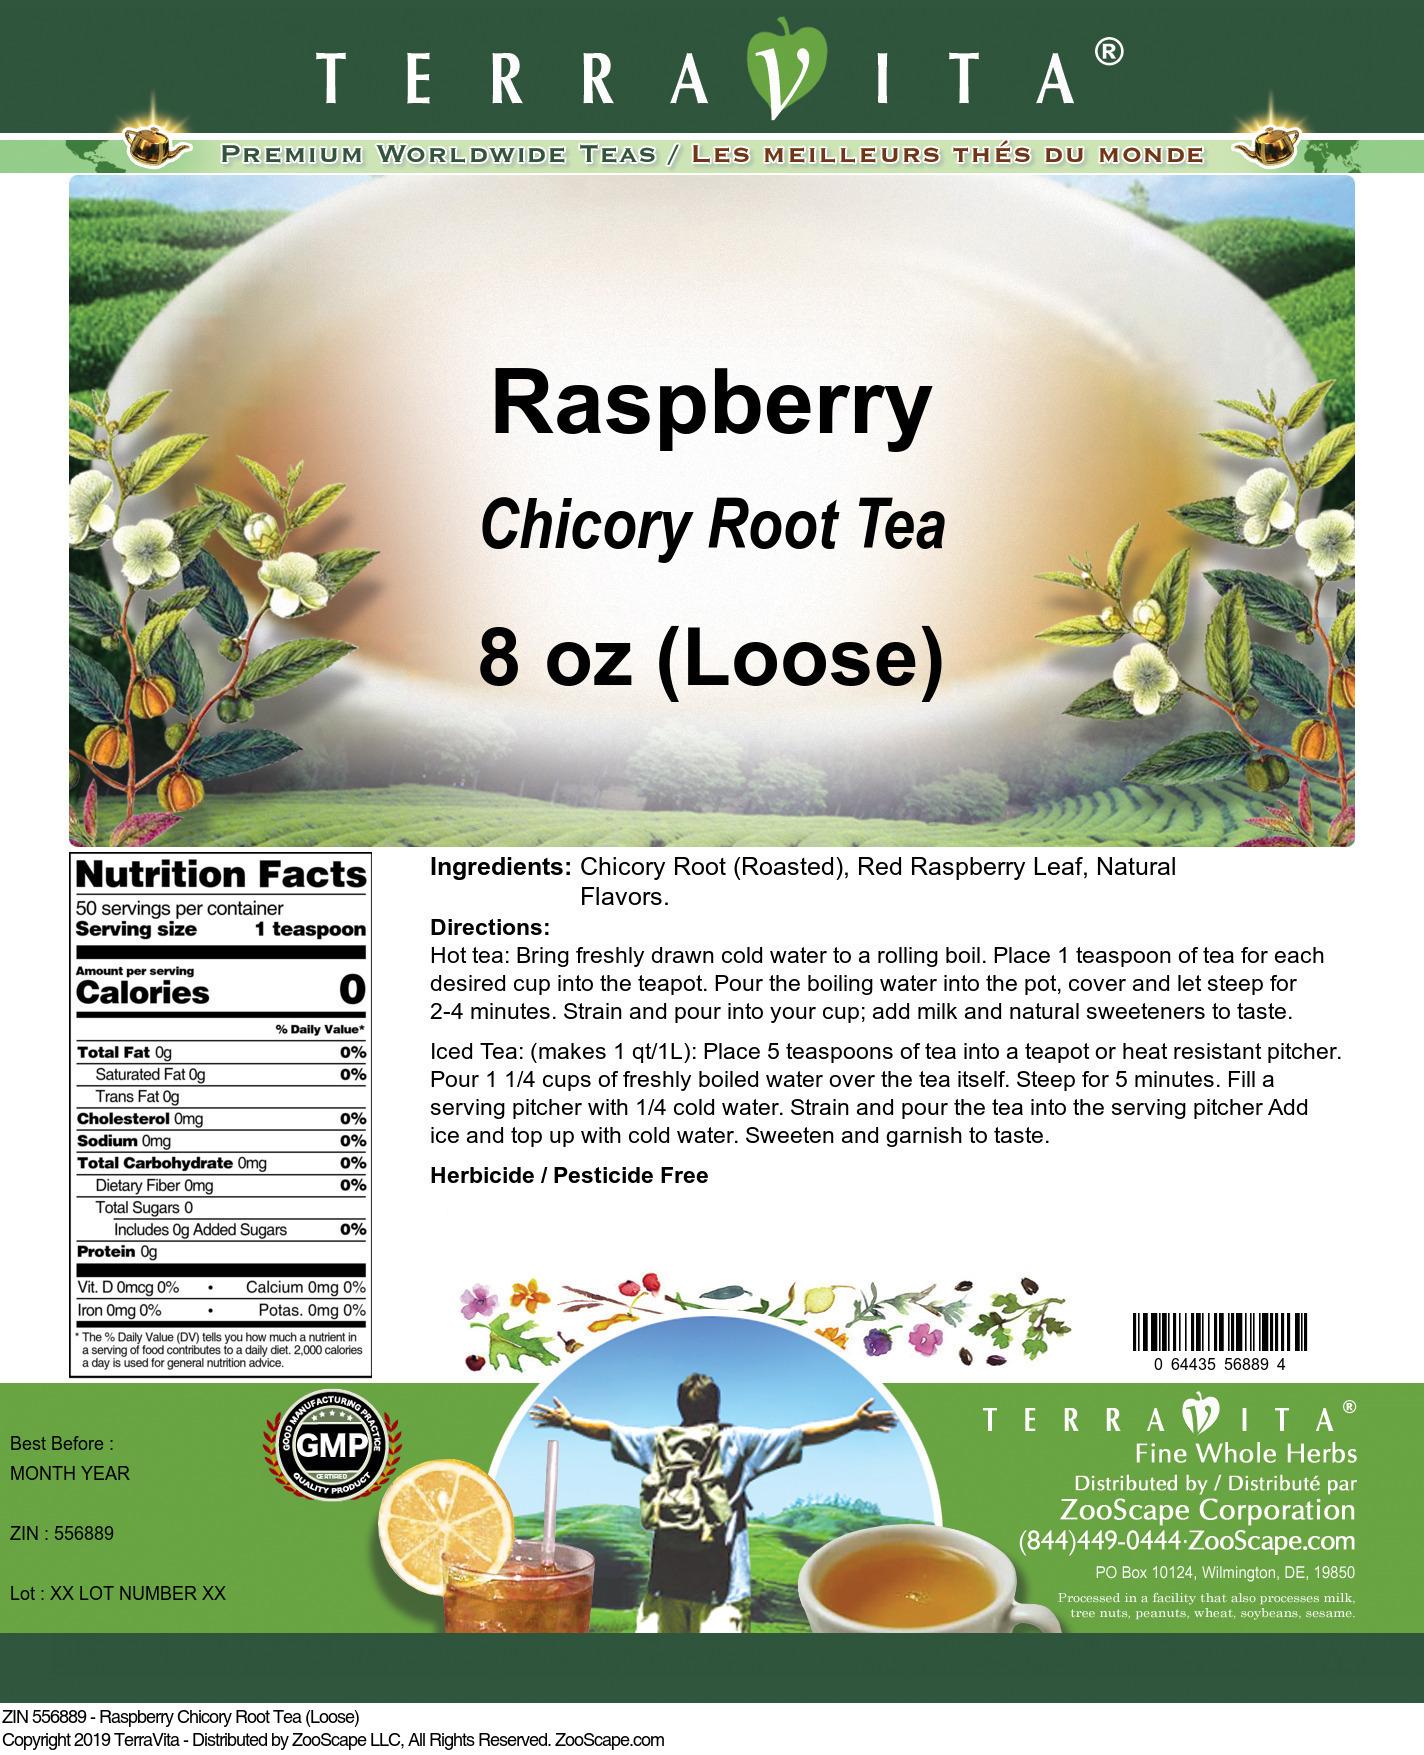 Raspberry Chicory Root